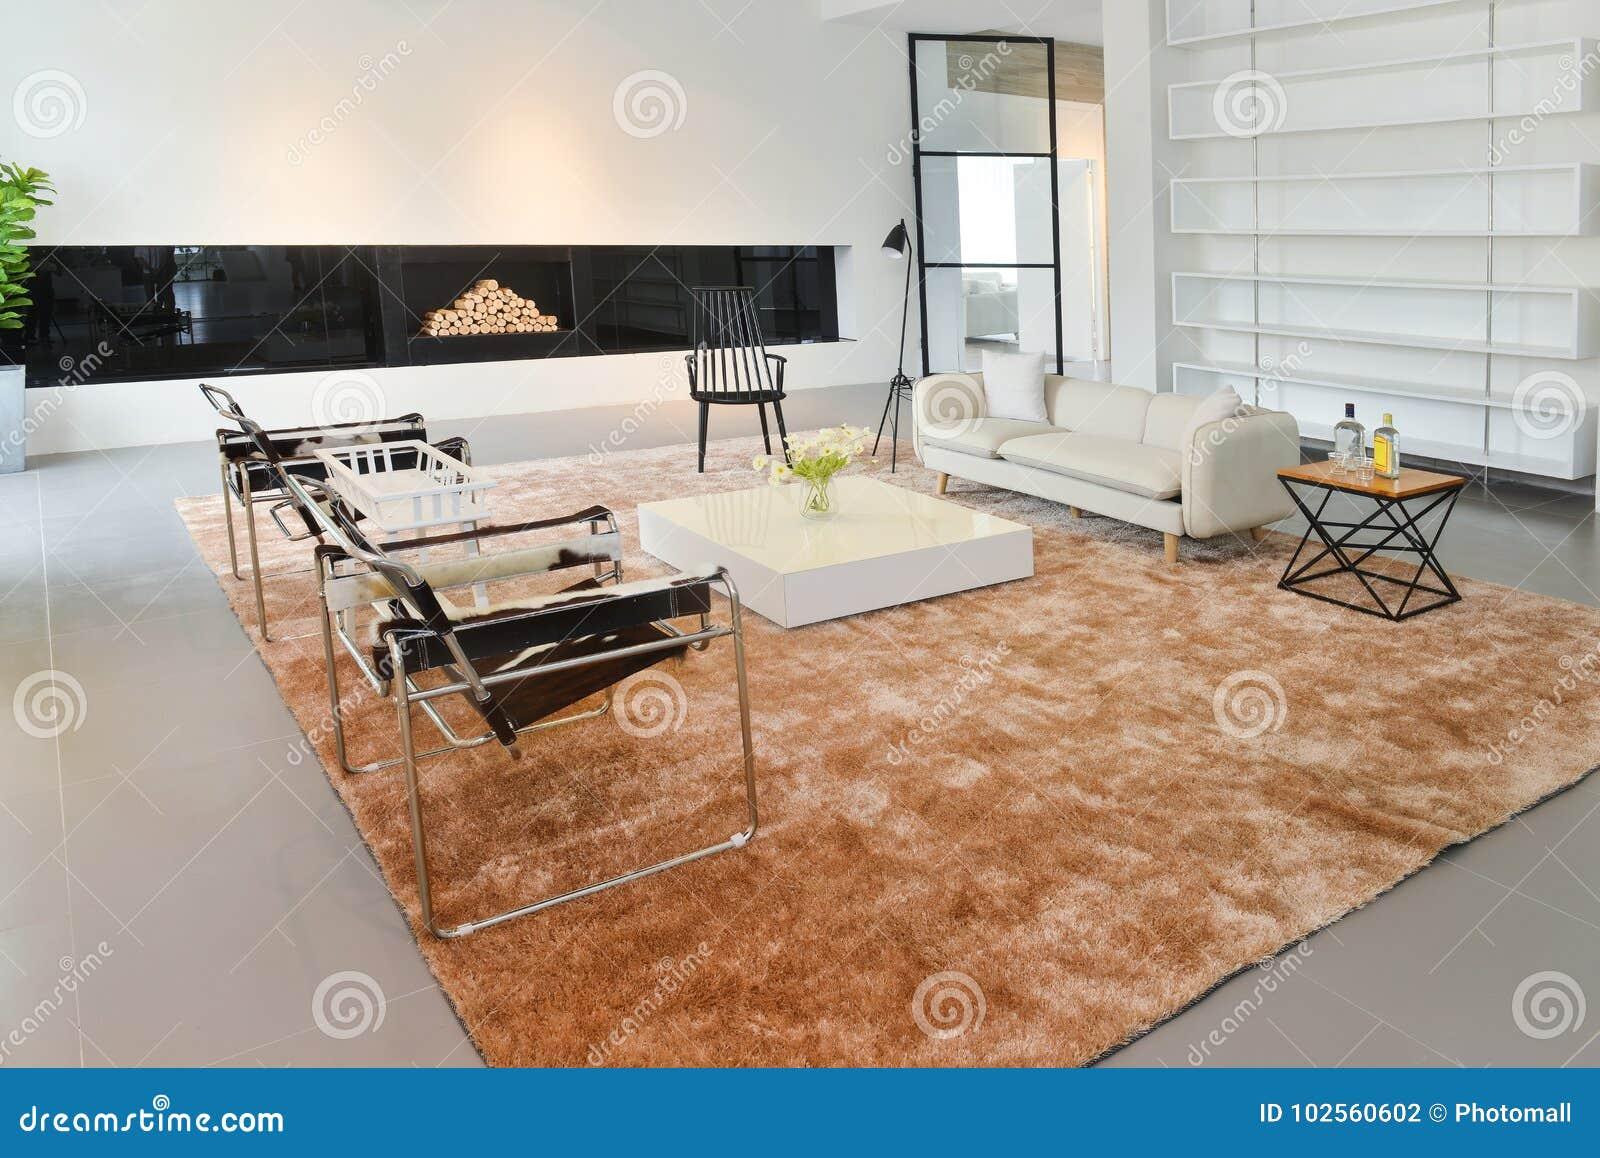 Intérieur De Salon De Maison Moderne Photo stock - Image du ...